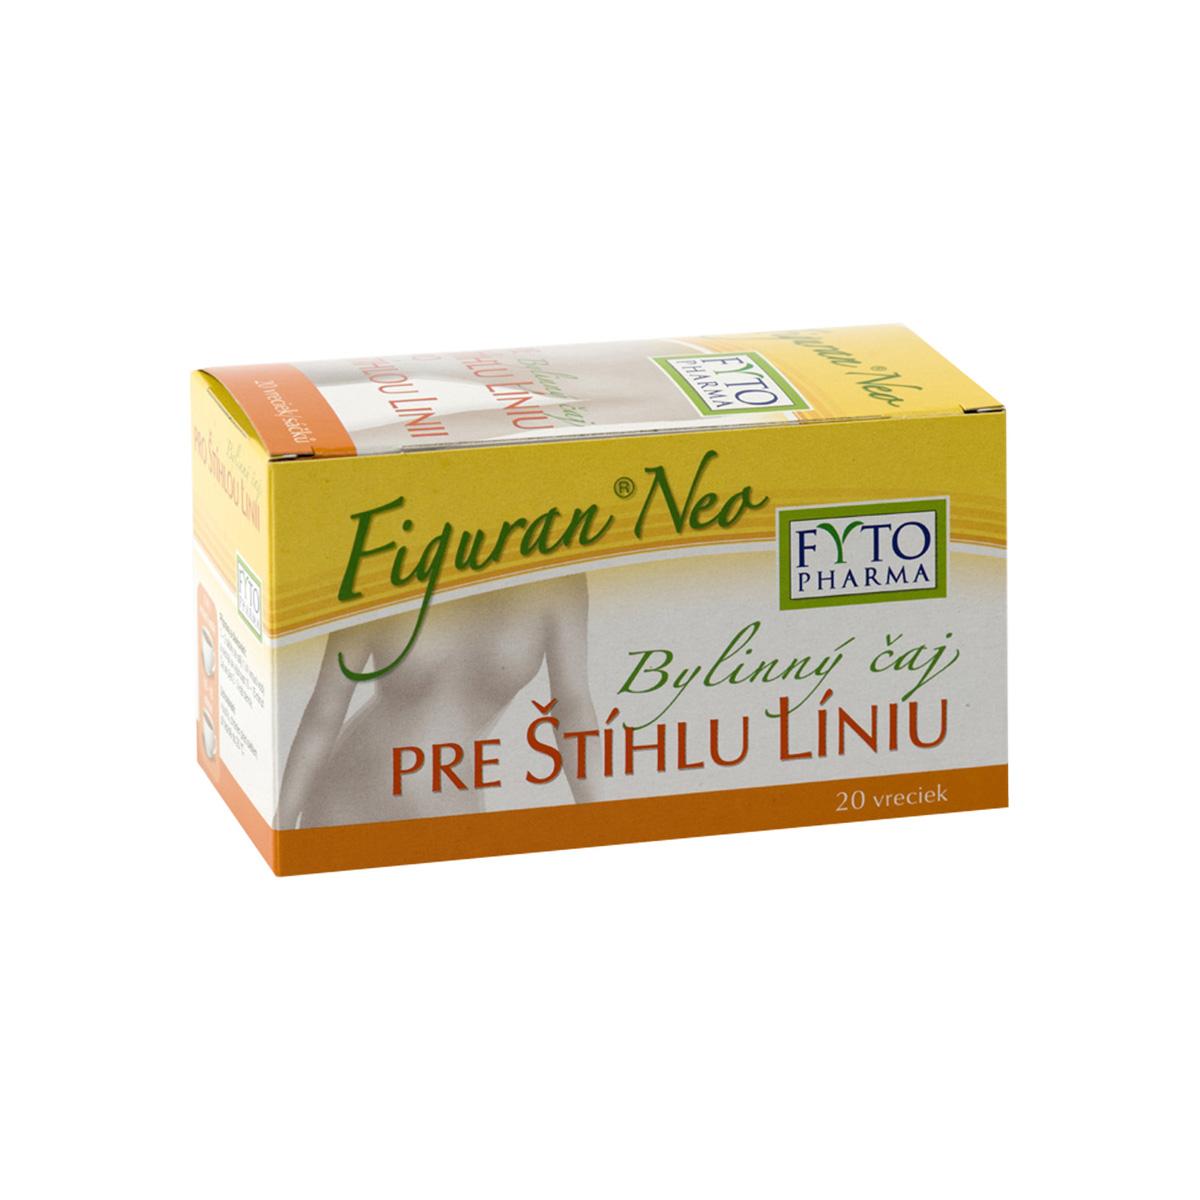 Fytopharma FIGURAN® NEO bylinný čaj pro štíhlou linii 20 x 2 g